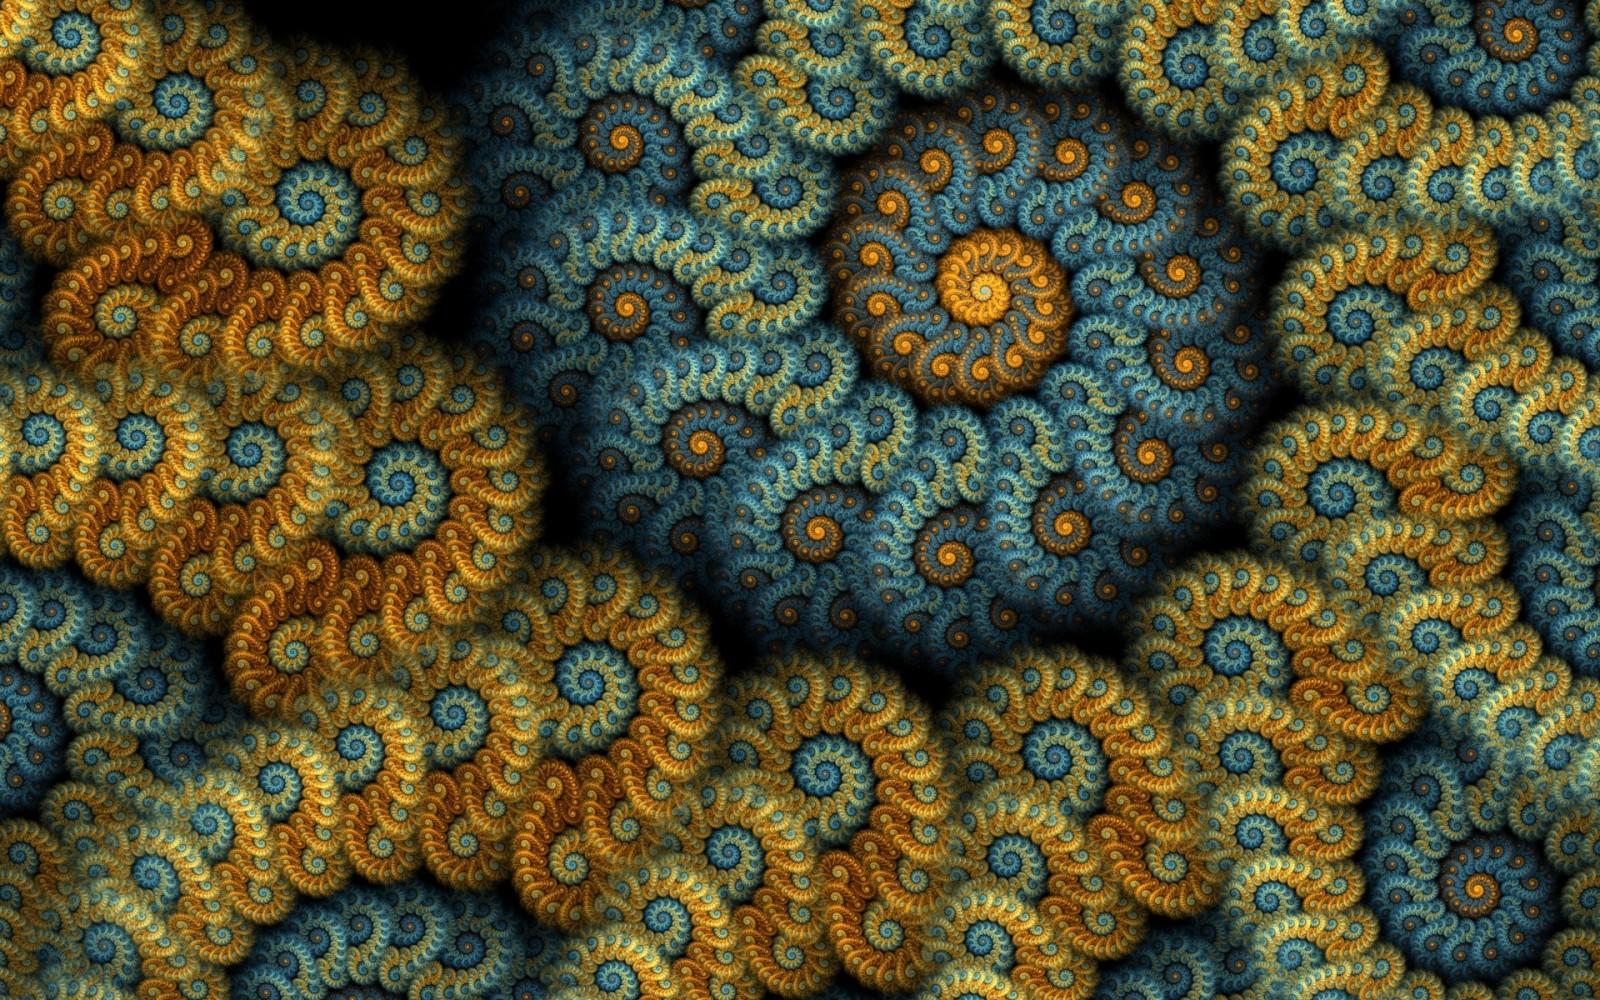 Hình ảnh đường xoắn ốc ảo giác 3D